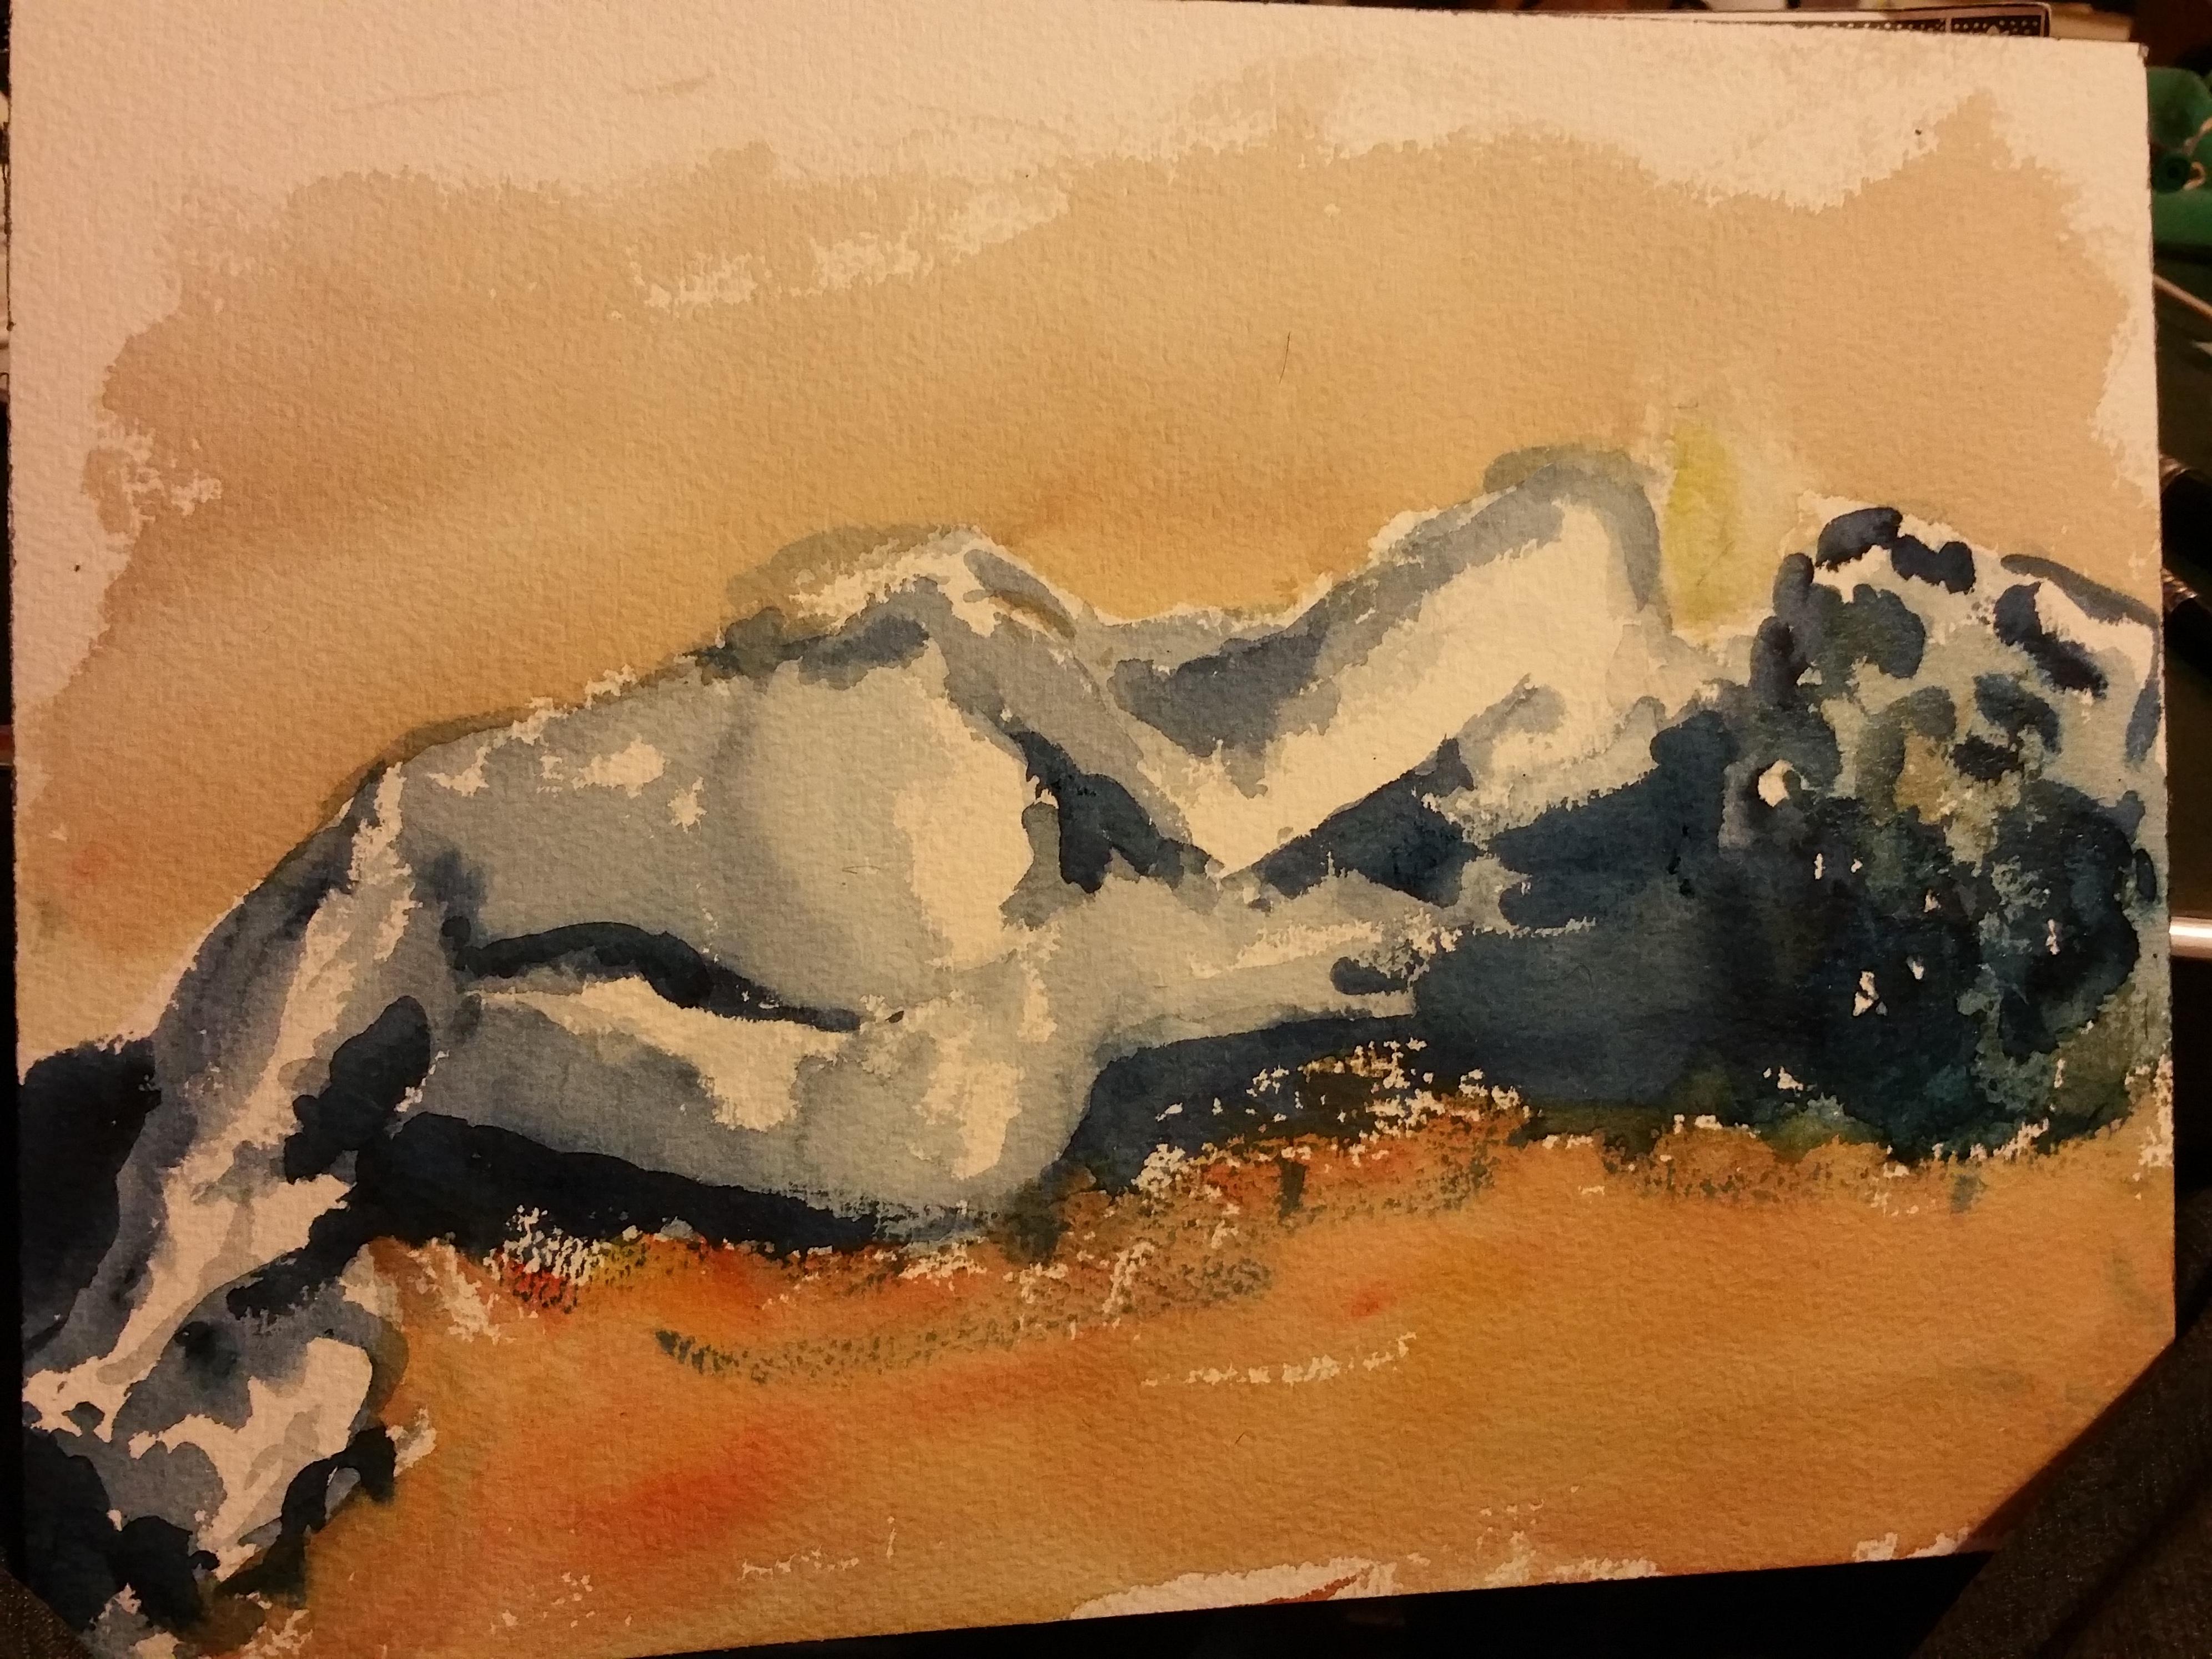 Aquarelle sur papier femme allongé de dos fond orange  cours de dessin